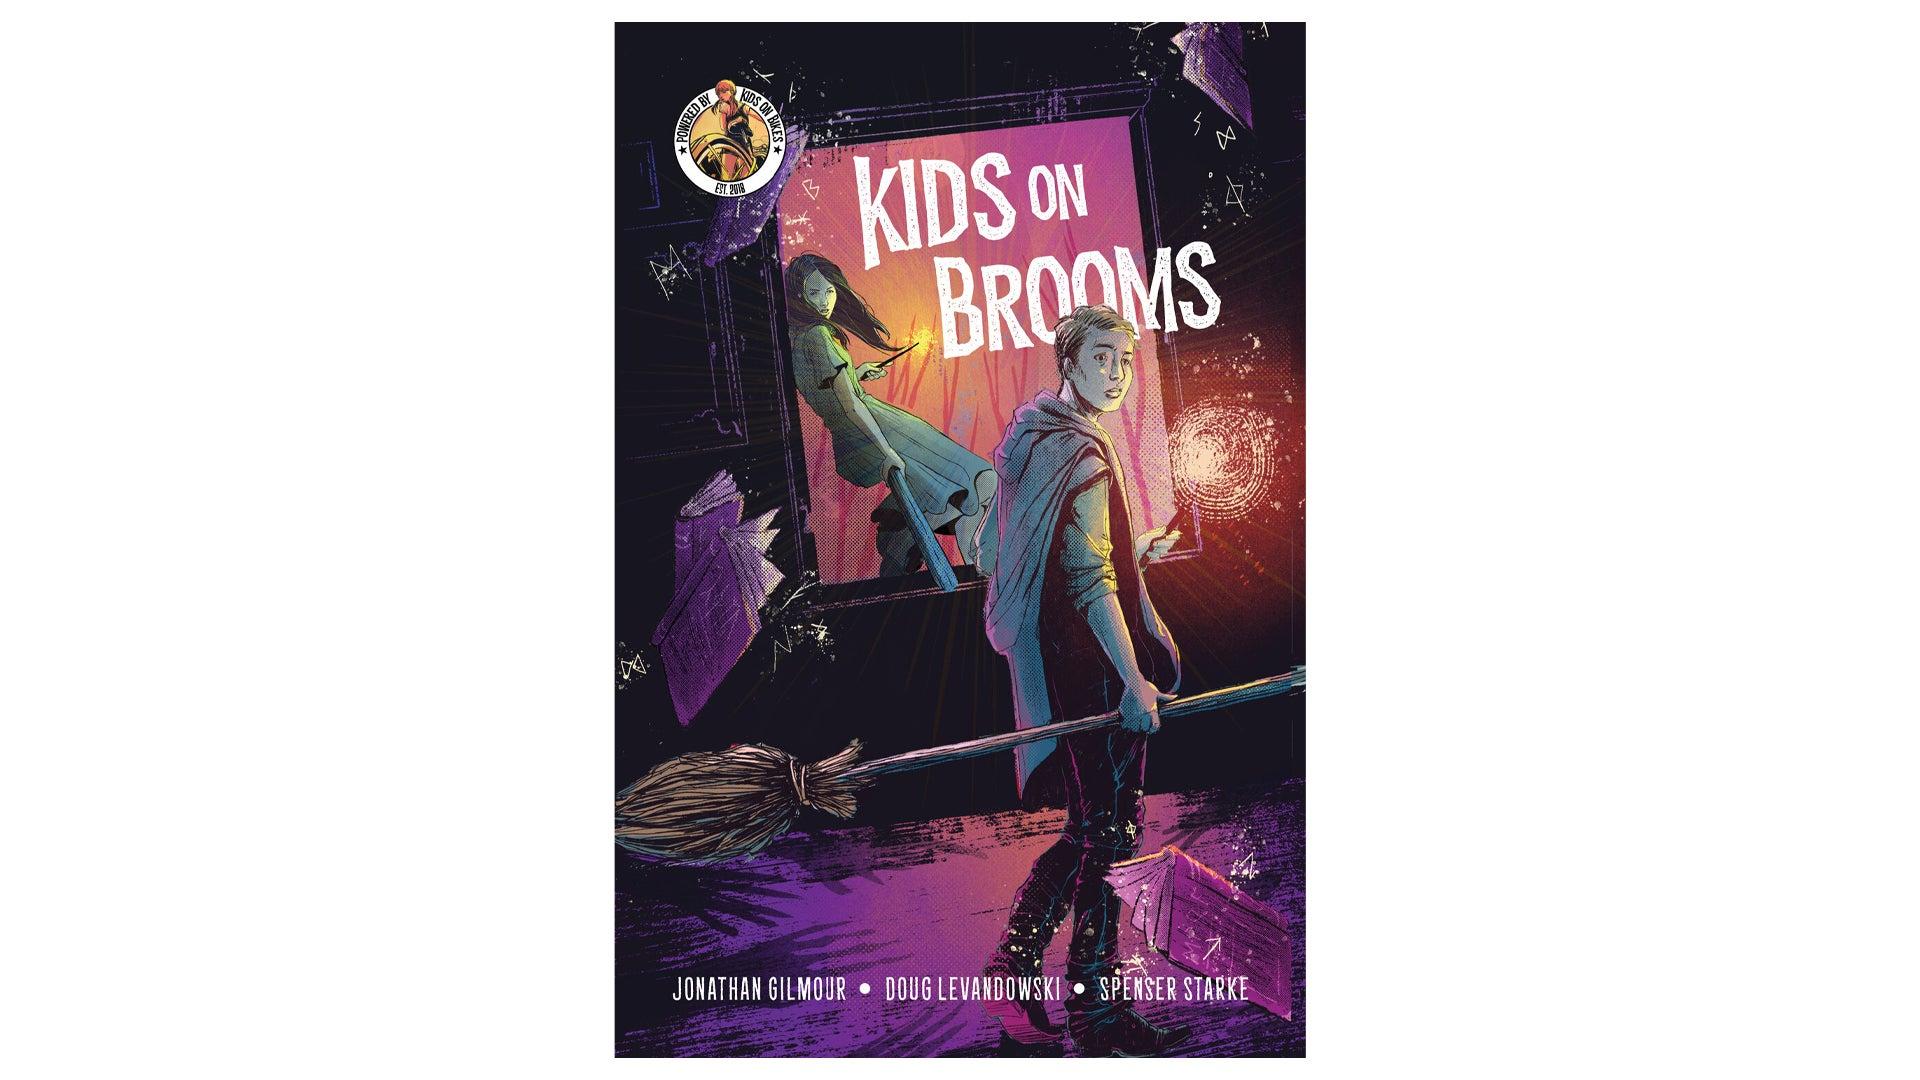 kids-on-brooms-tabletop-rpg-book.jpg